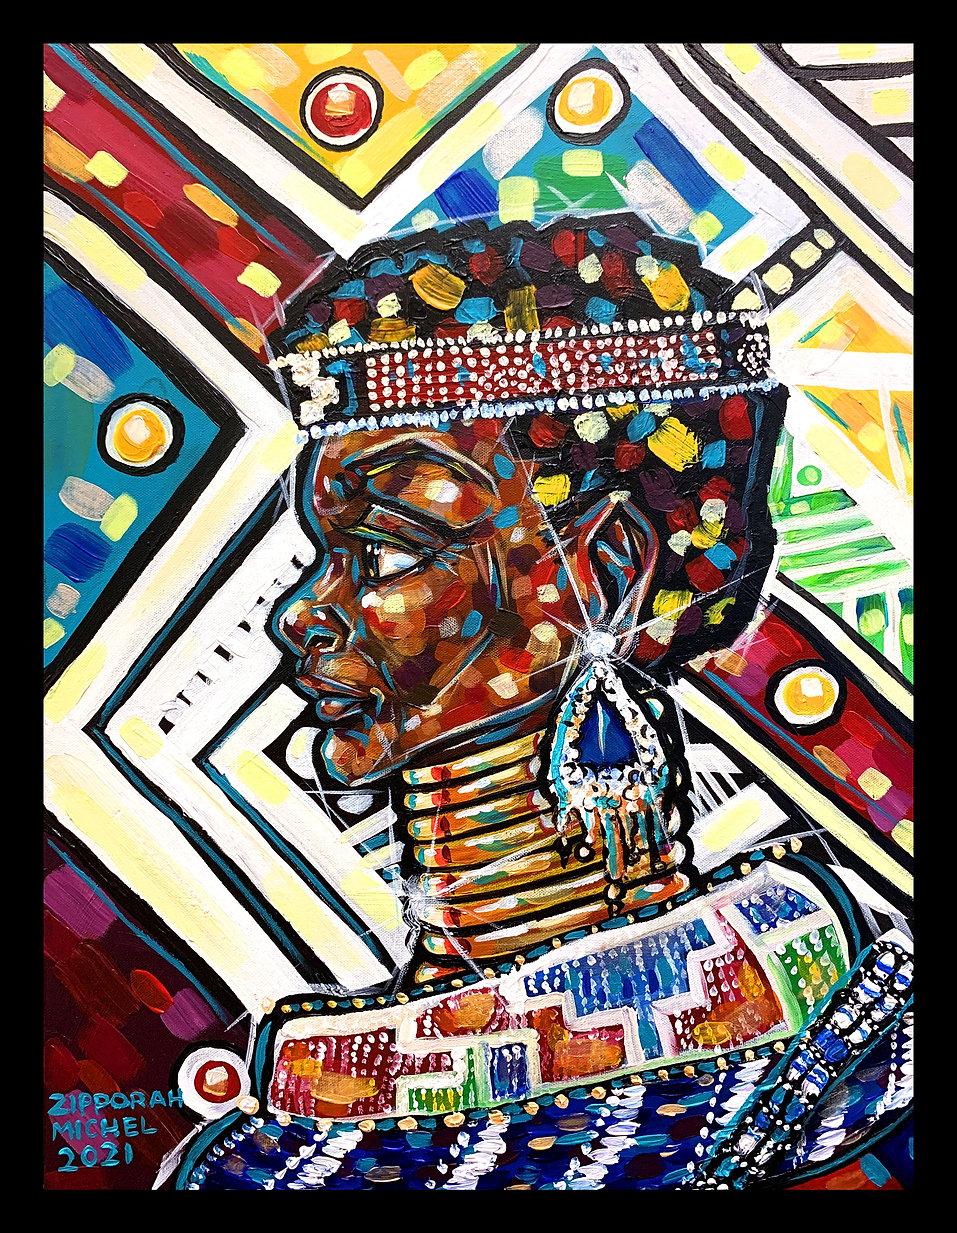 Artwork_2021_Ntombizodwa_Zipporah-Michel_FR.jpg